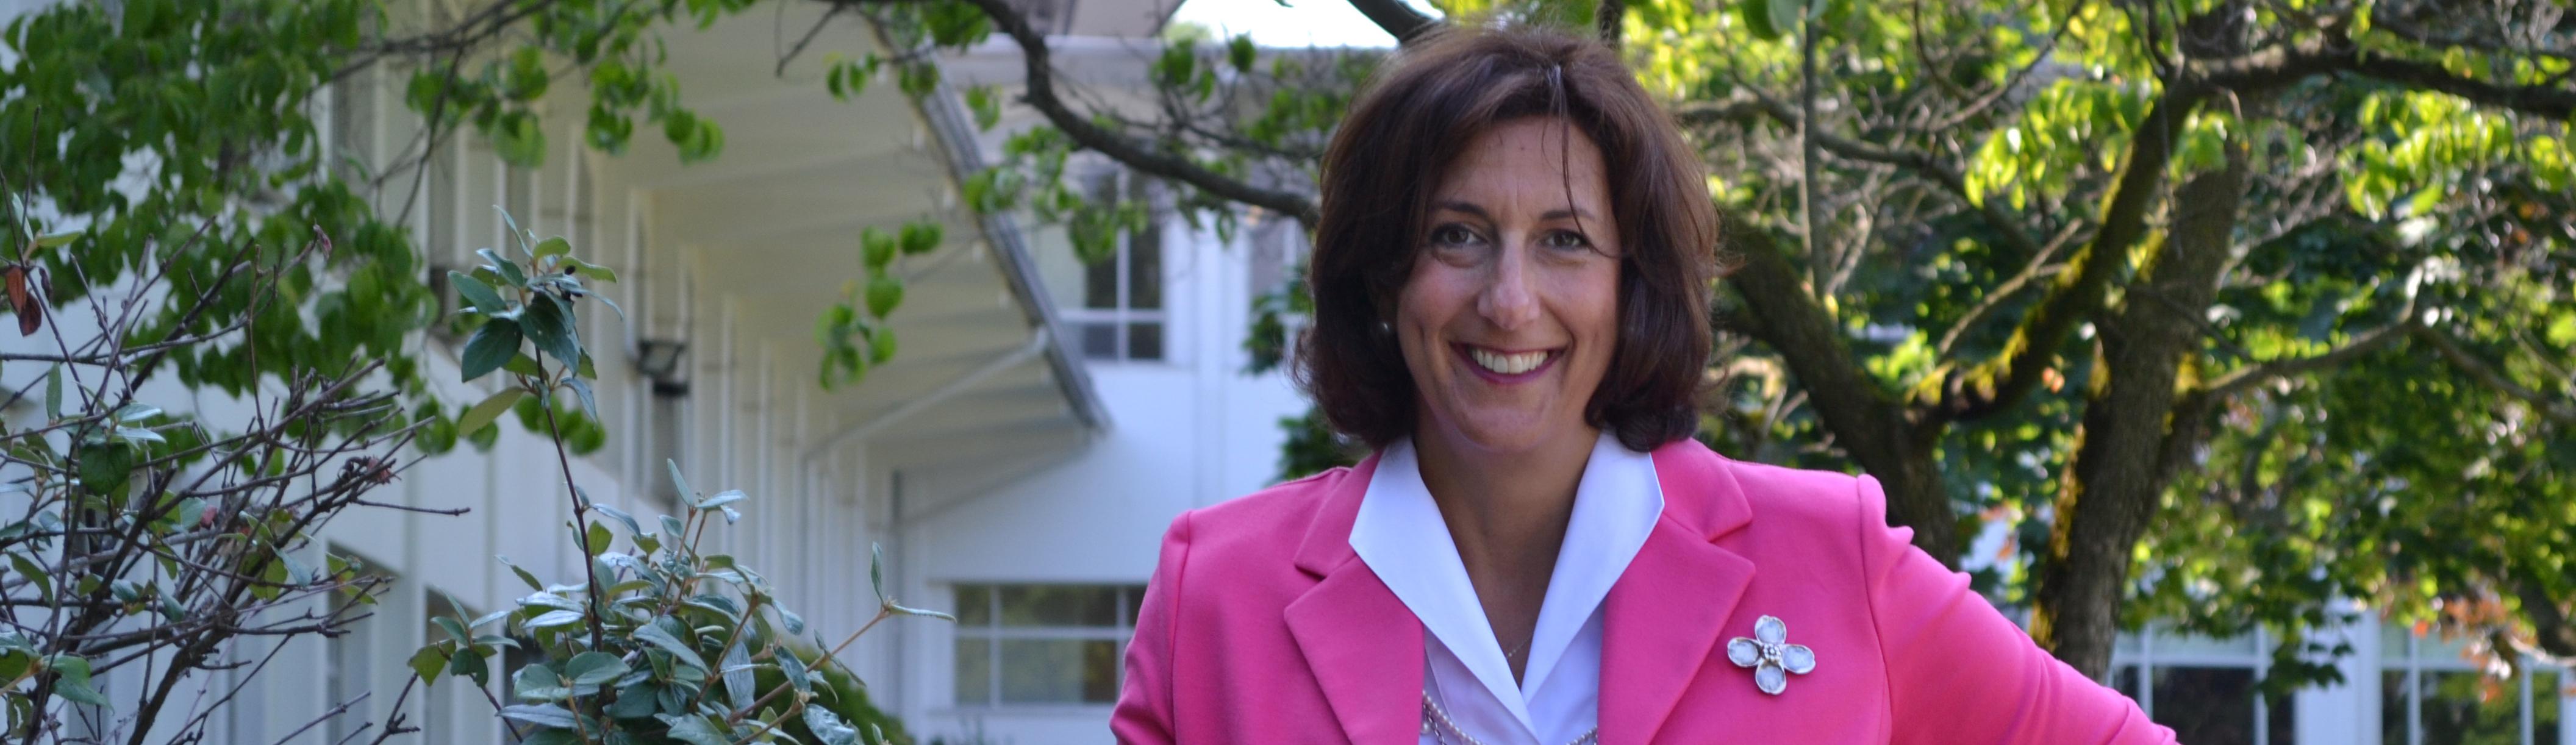 AHA Principal Jennifer Moran